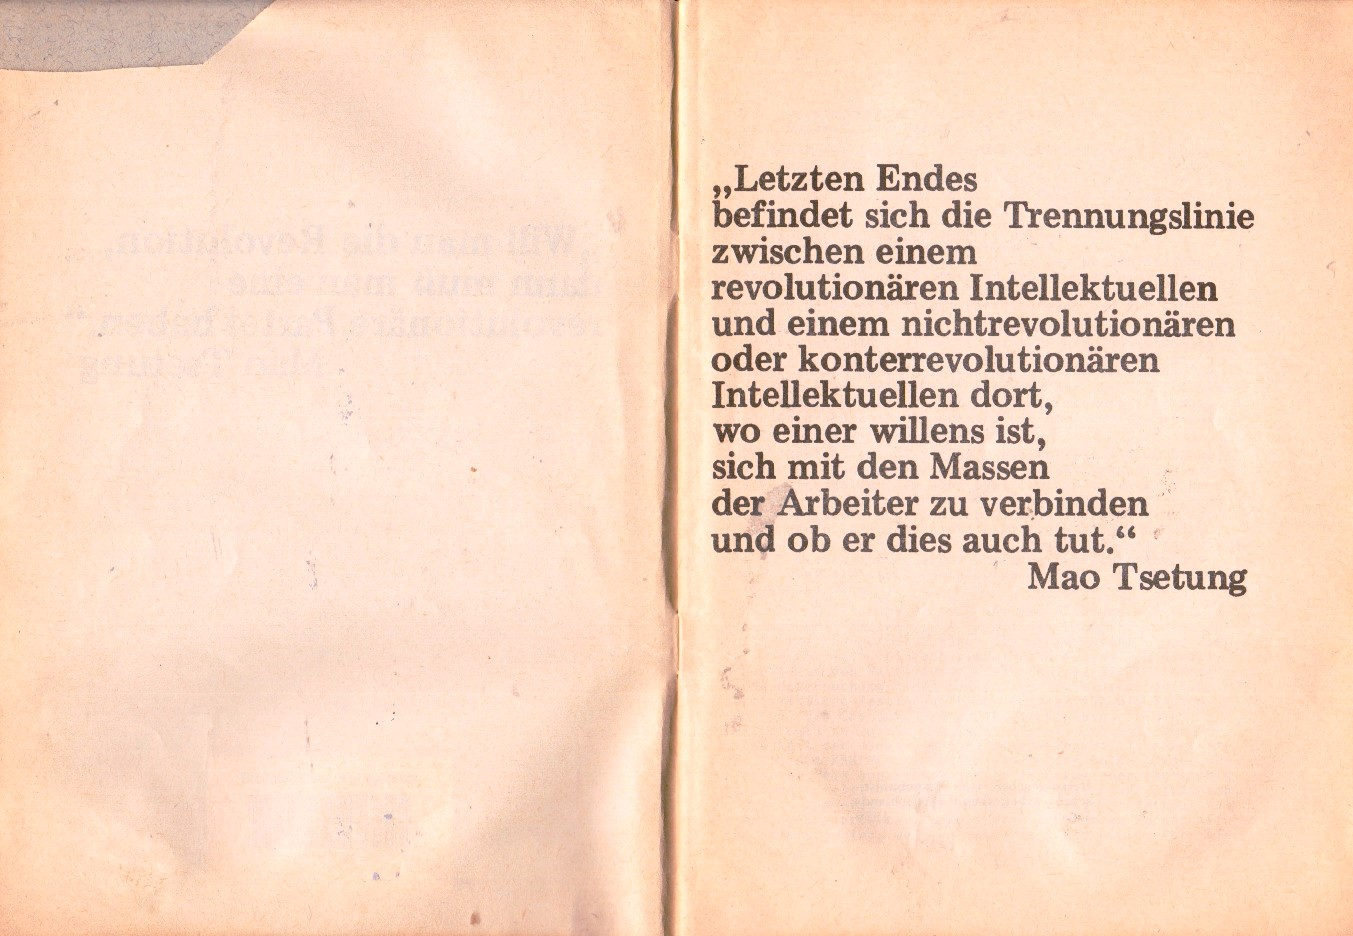 KABD_1976_Parteiaufbau_und_Intellektuellenfrage_03